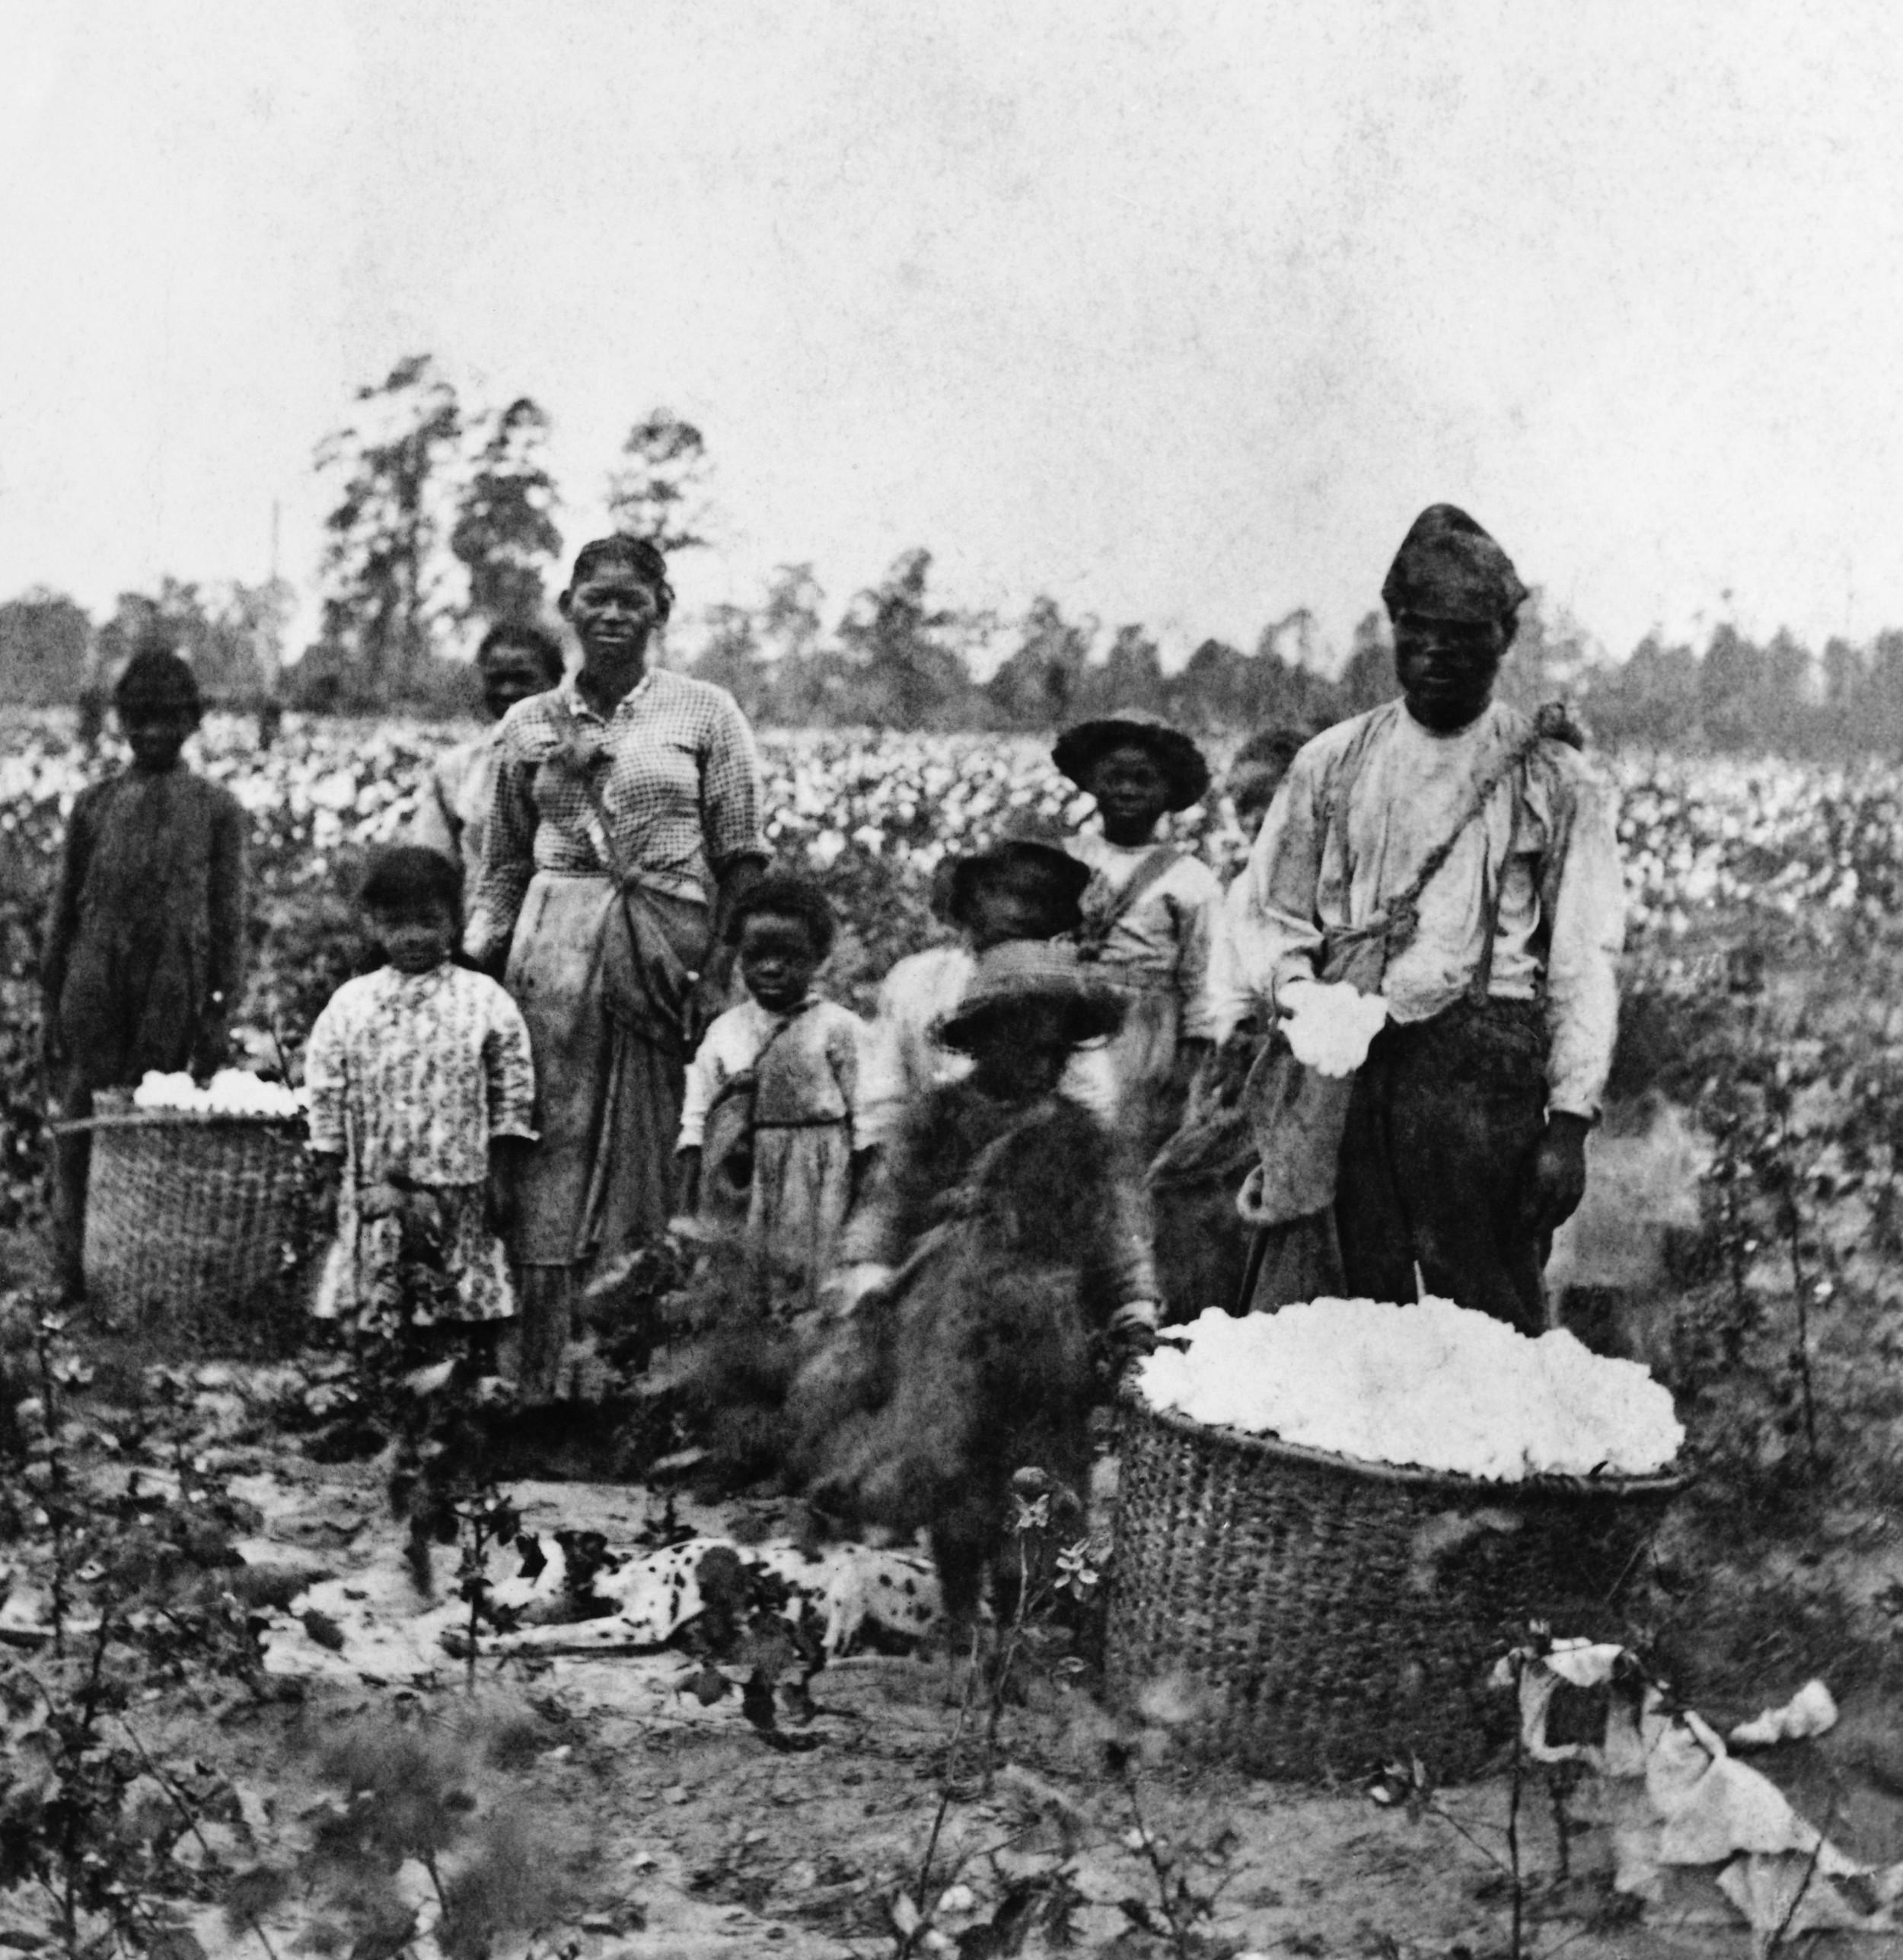 Mustia amerikkalaisorjia Savannah'n puuvillapelloilla, Georgiassa 1860-luvulla.Kuva:  History.com